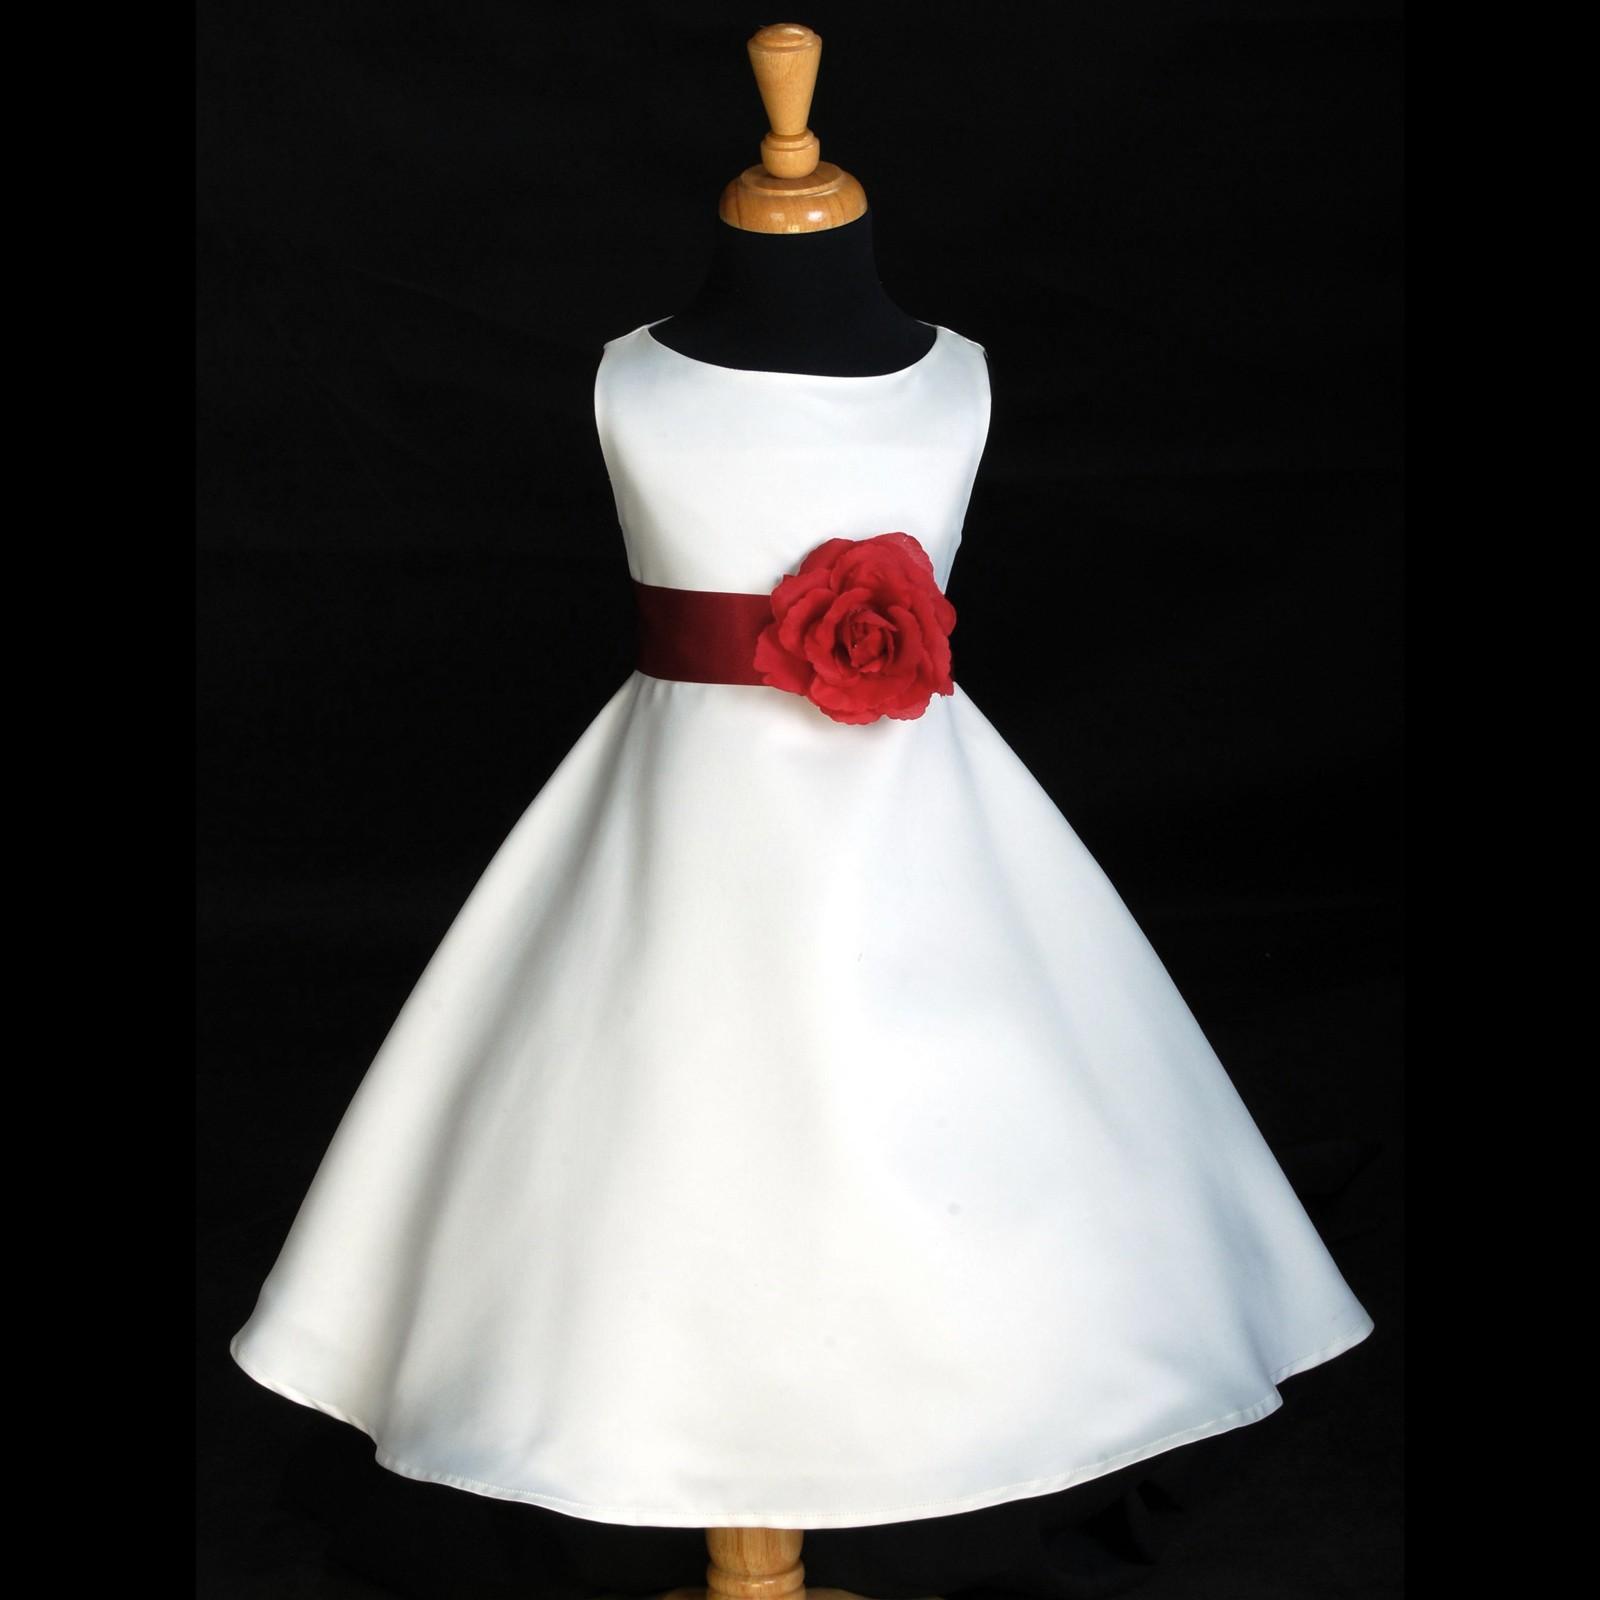 Whiteapple Red A Line Flower Pin Satin Flower Girl Dress 821s